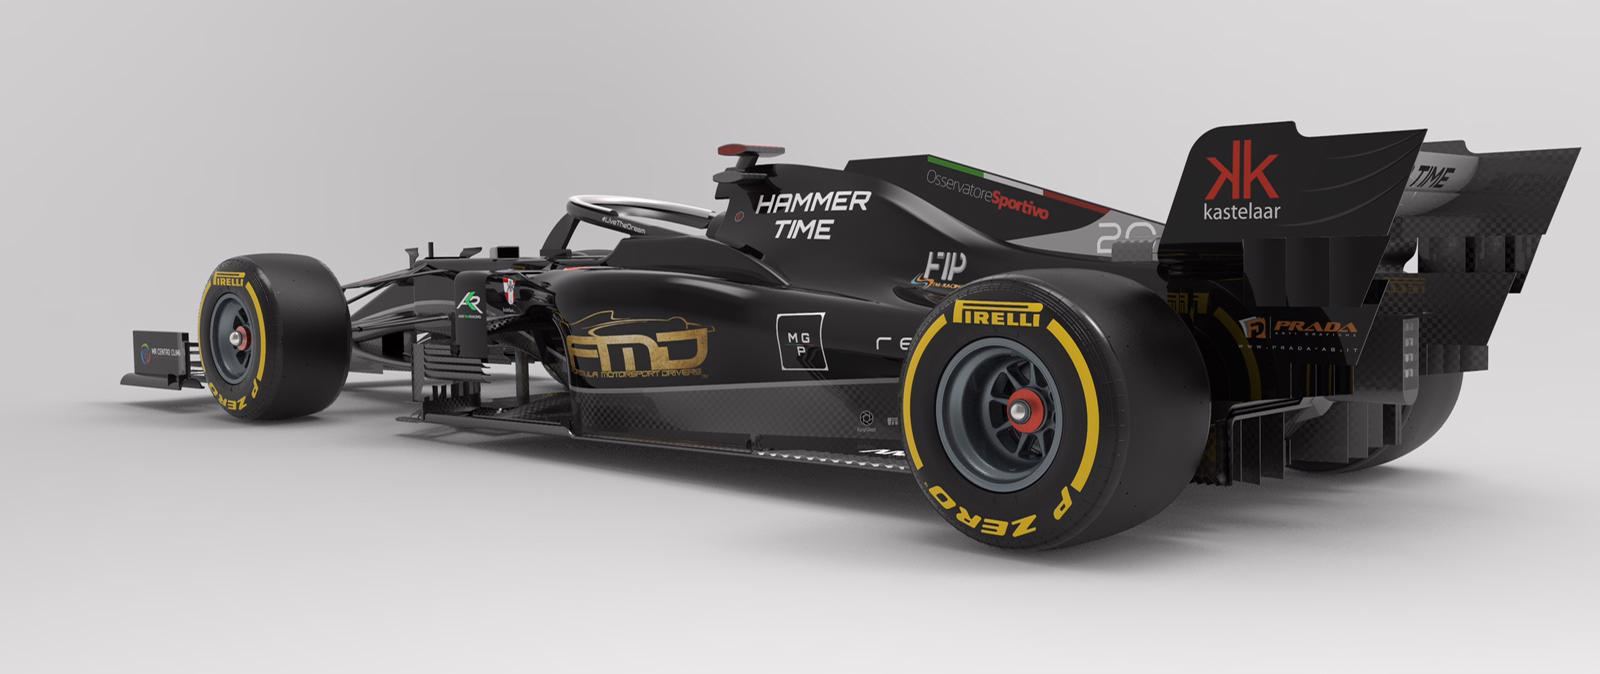 Un focus sulla R.20, la monoposto sponsorizzata da Hammer Time